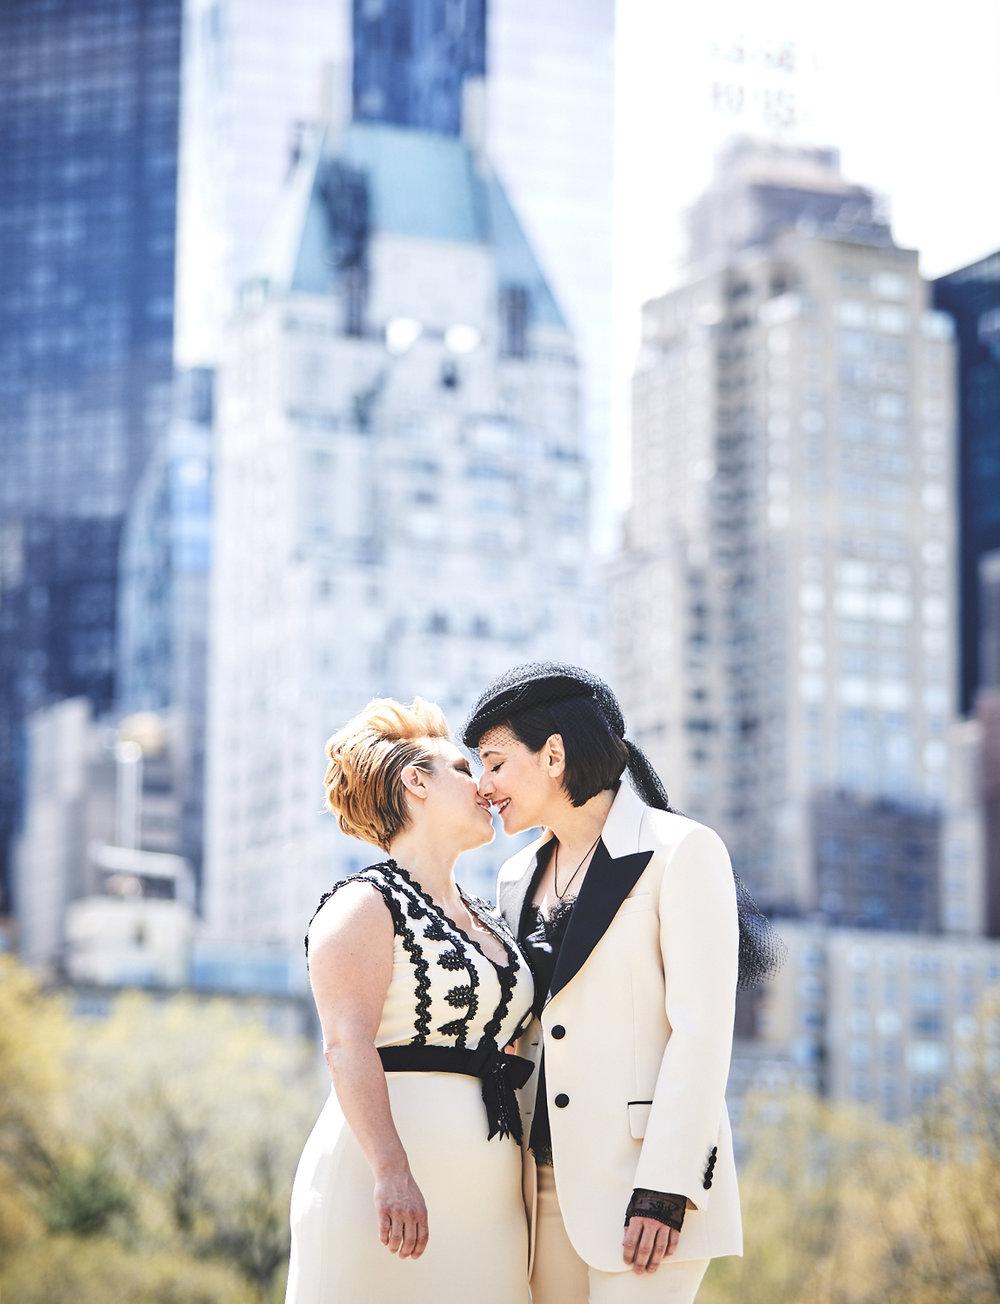 170423-SameSexWedding-GayWedding-LesbianWedding-CentralParkWedding-TheDanielWeddingPhotography_By_BriJohnsonWeddings_0038.jpg